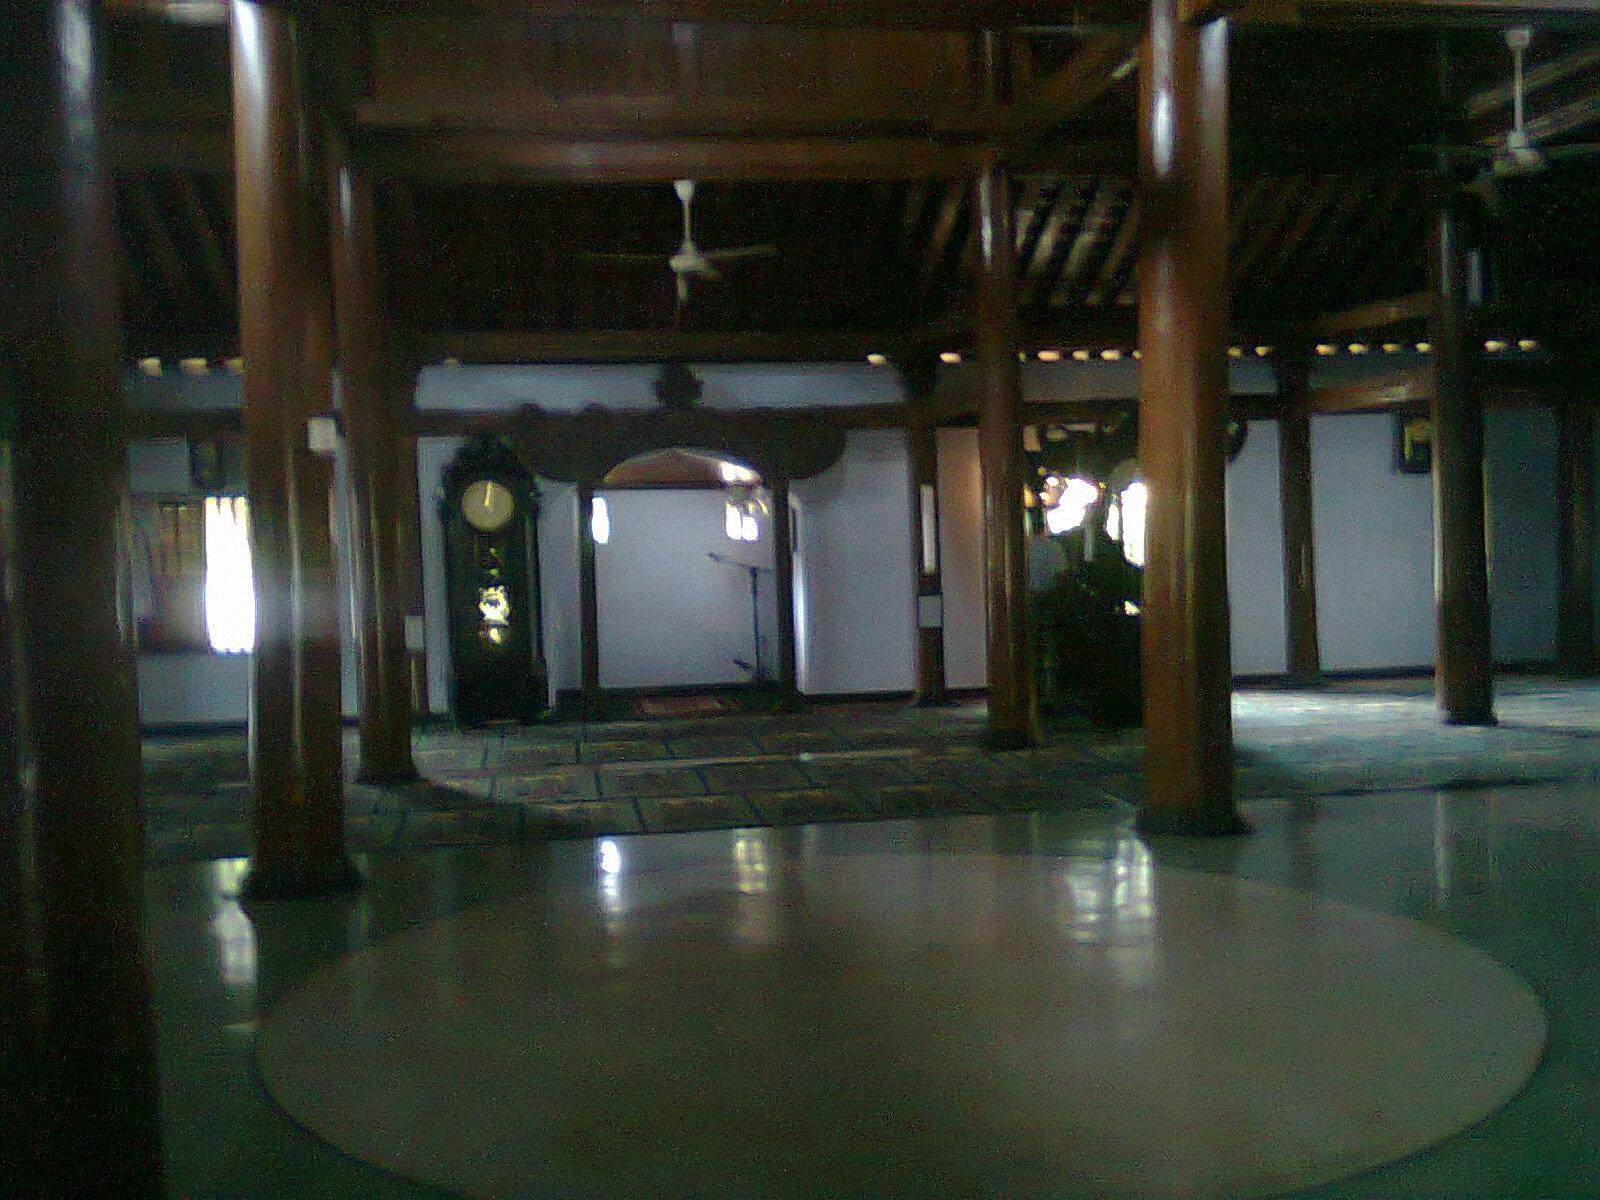 Sejarah Tegalsari Jauh Politik Pilgrim Cerita Berkaitan Masjid Kab Ponorogo